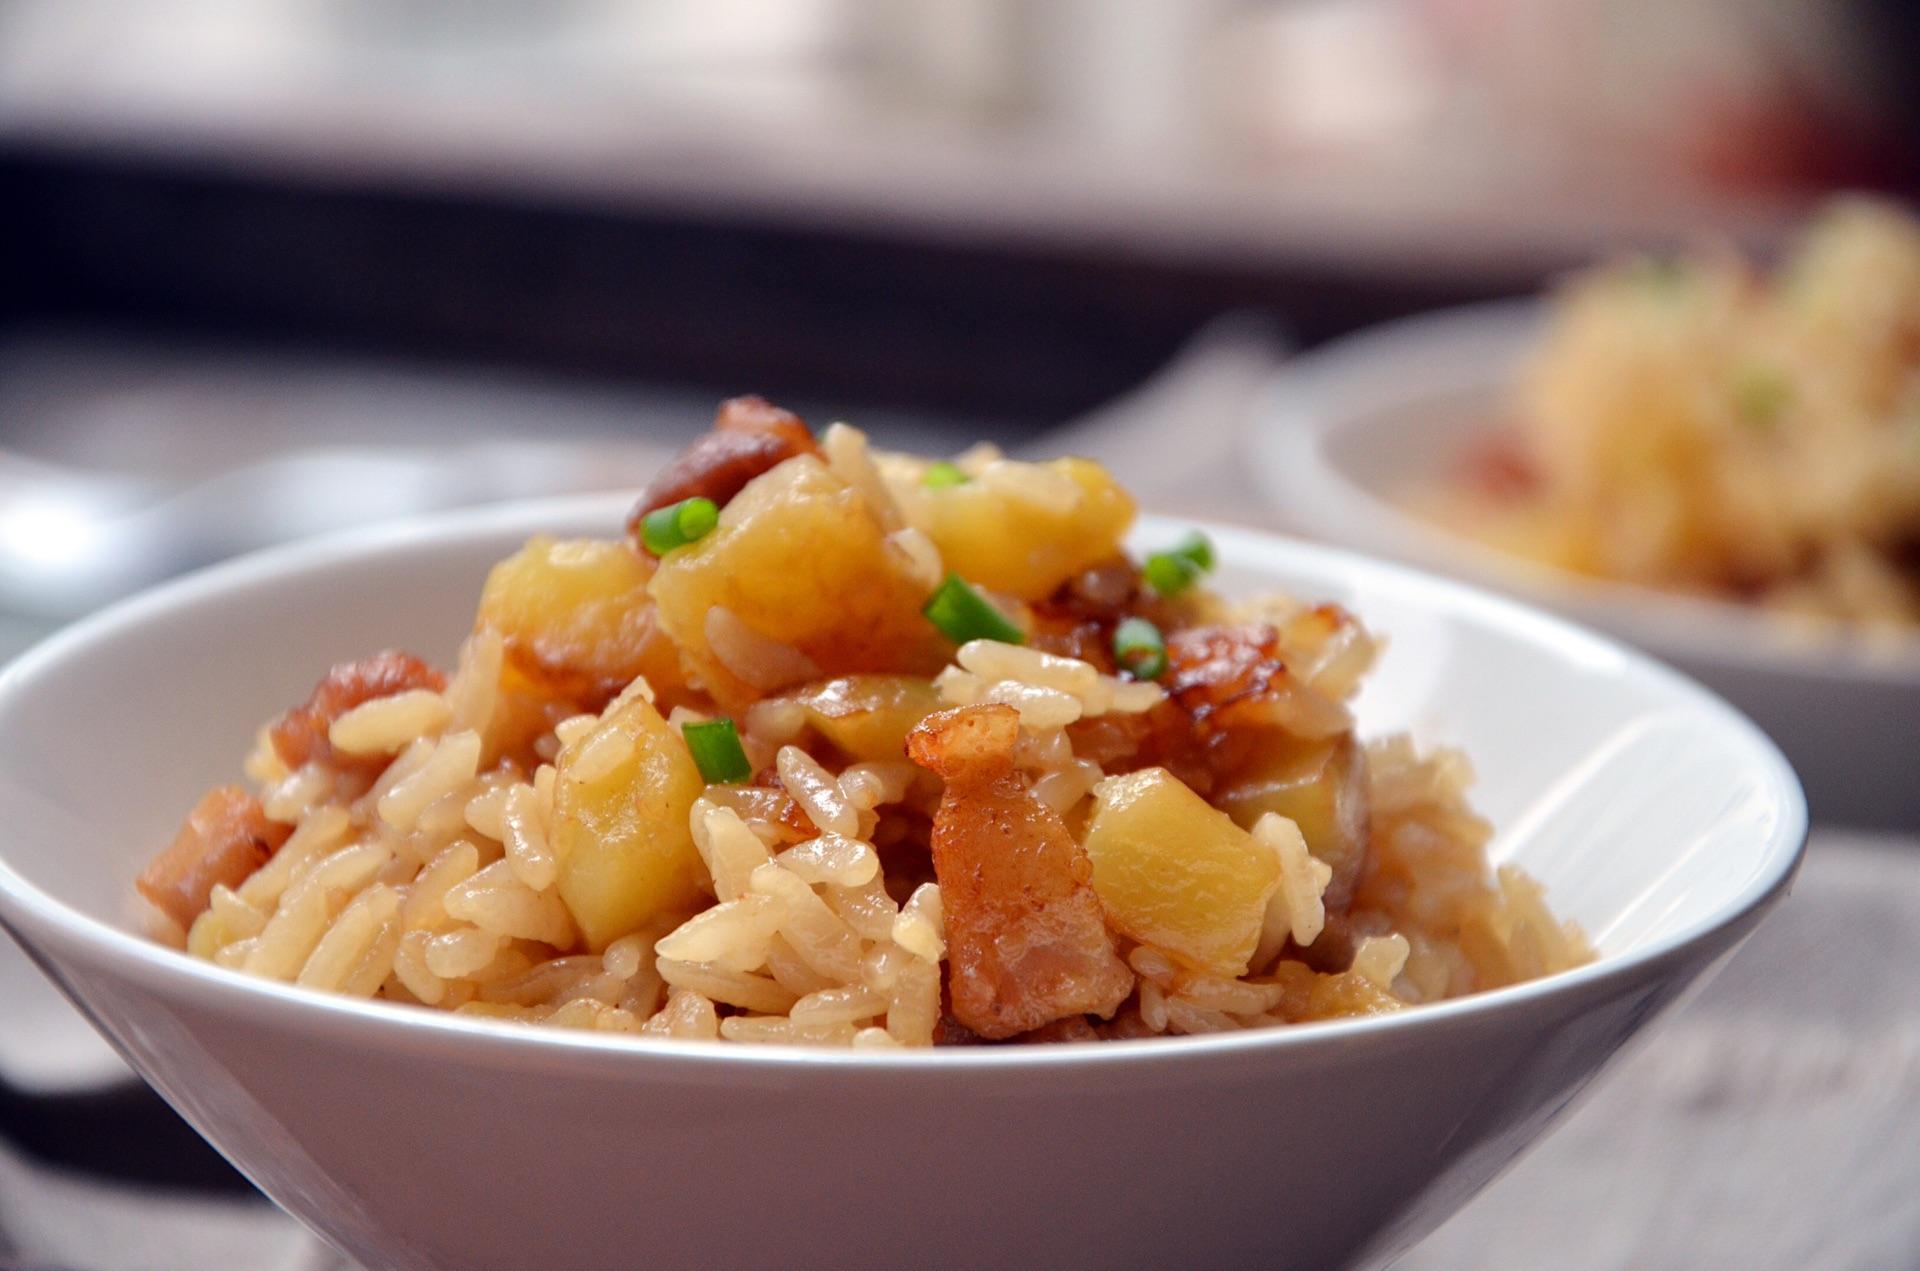 米饭土豆吃太多,早亡风险高